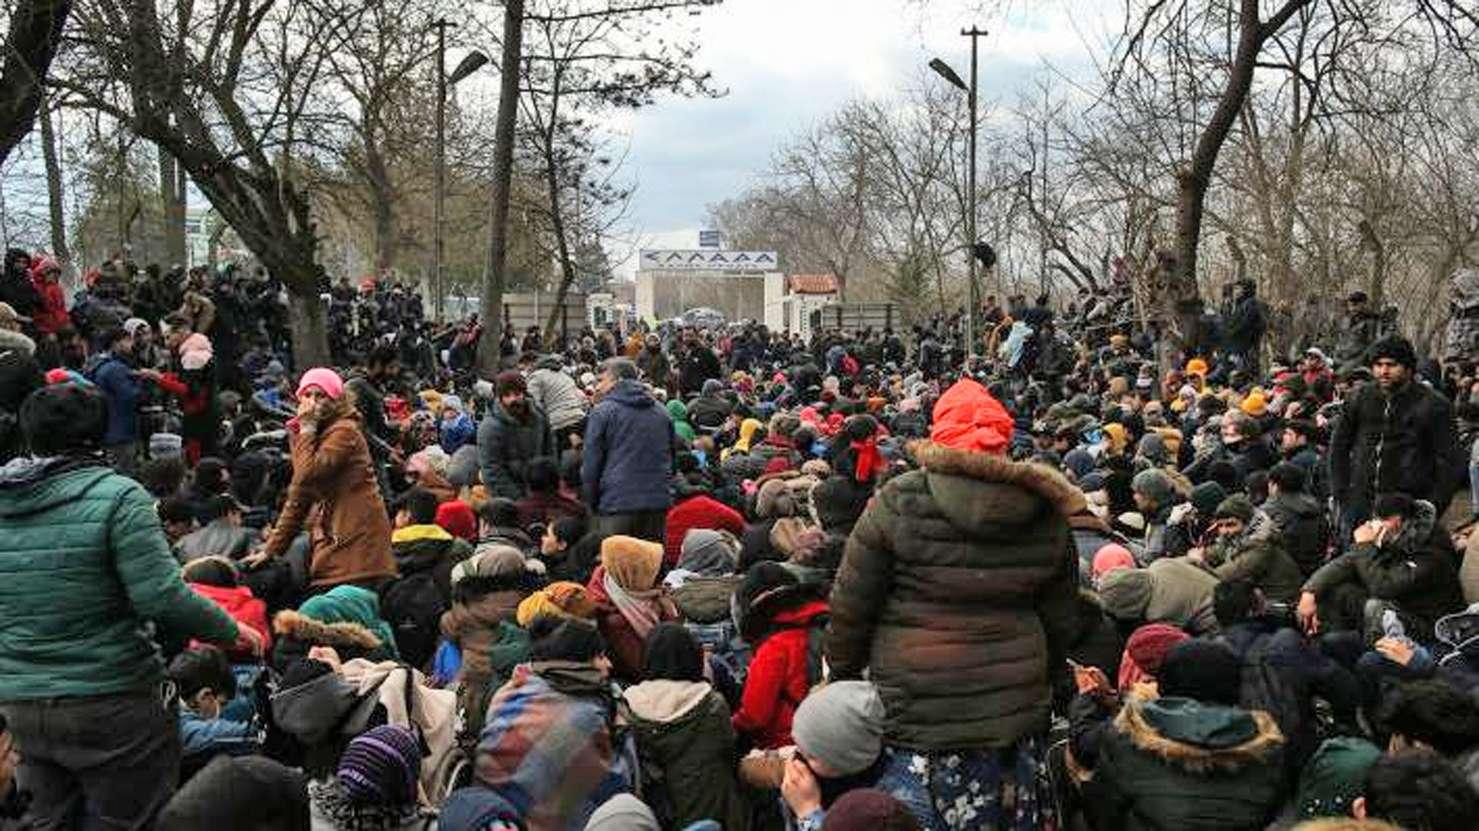 Τα αυξημένα κύματα προσφύγων δεν αντιμετωπίζονται με καταστολή